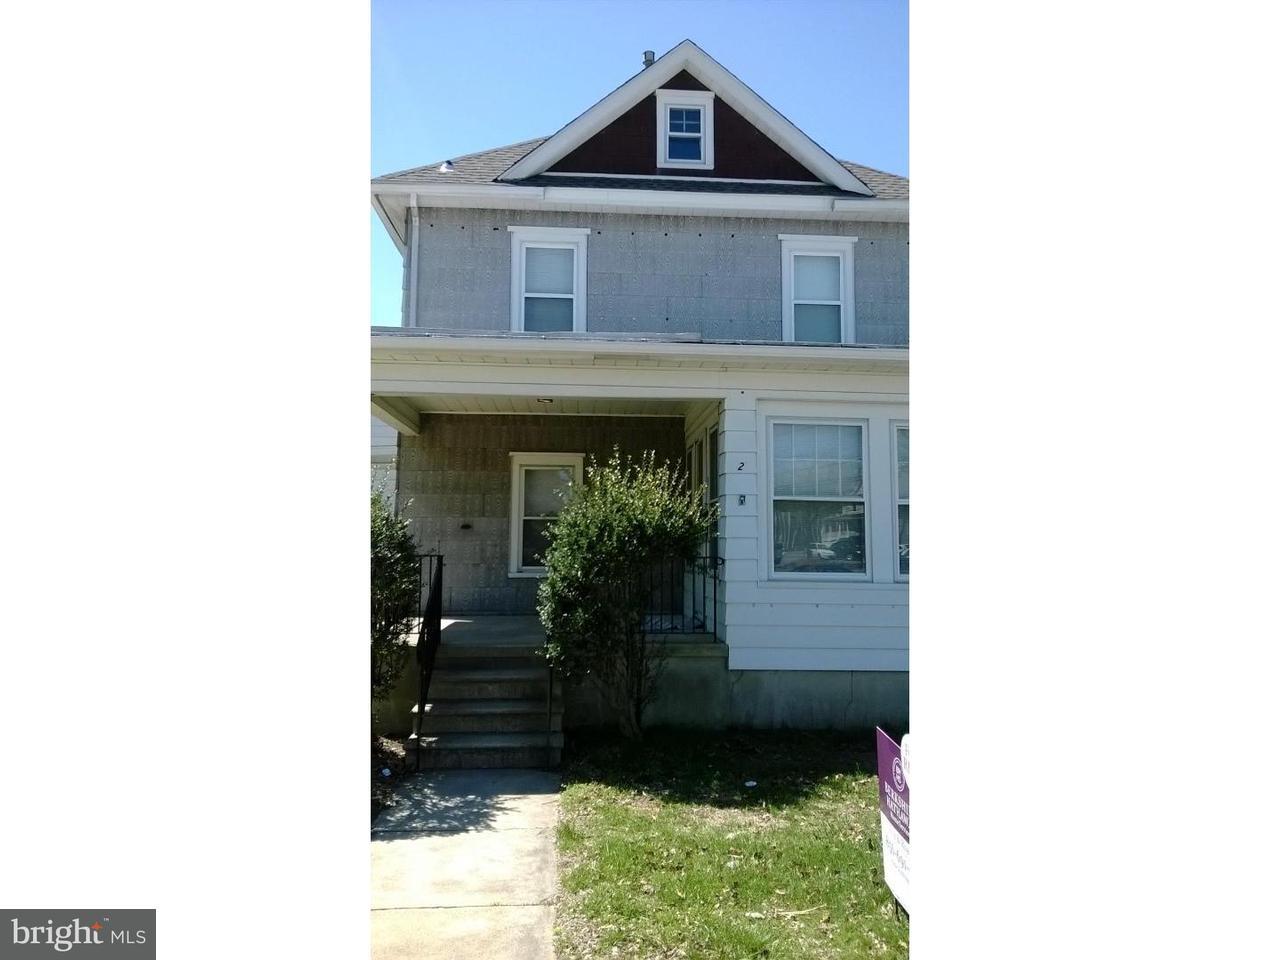 Частный односемейный дом для того Аренда на 2 SIMPSON Avenue Pitman, Нью-Джерси 08071 Соединенные Штаты